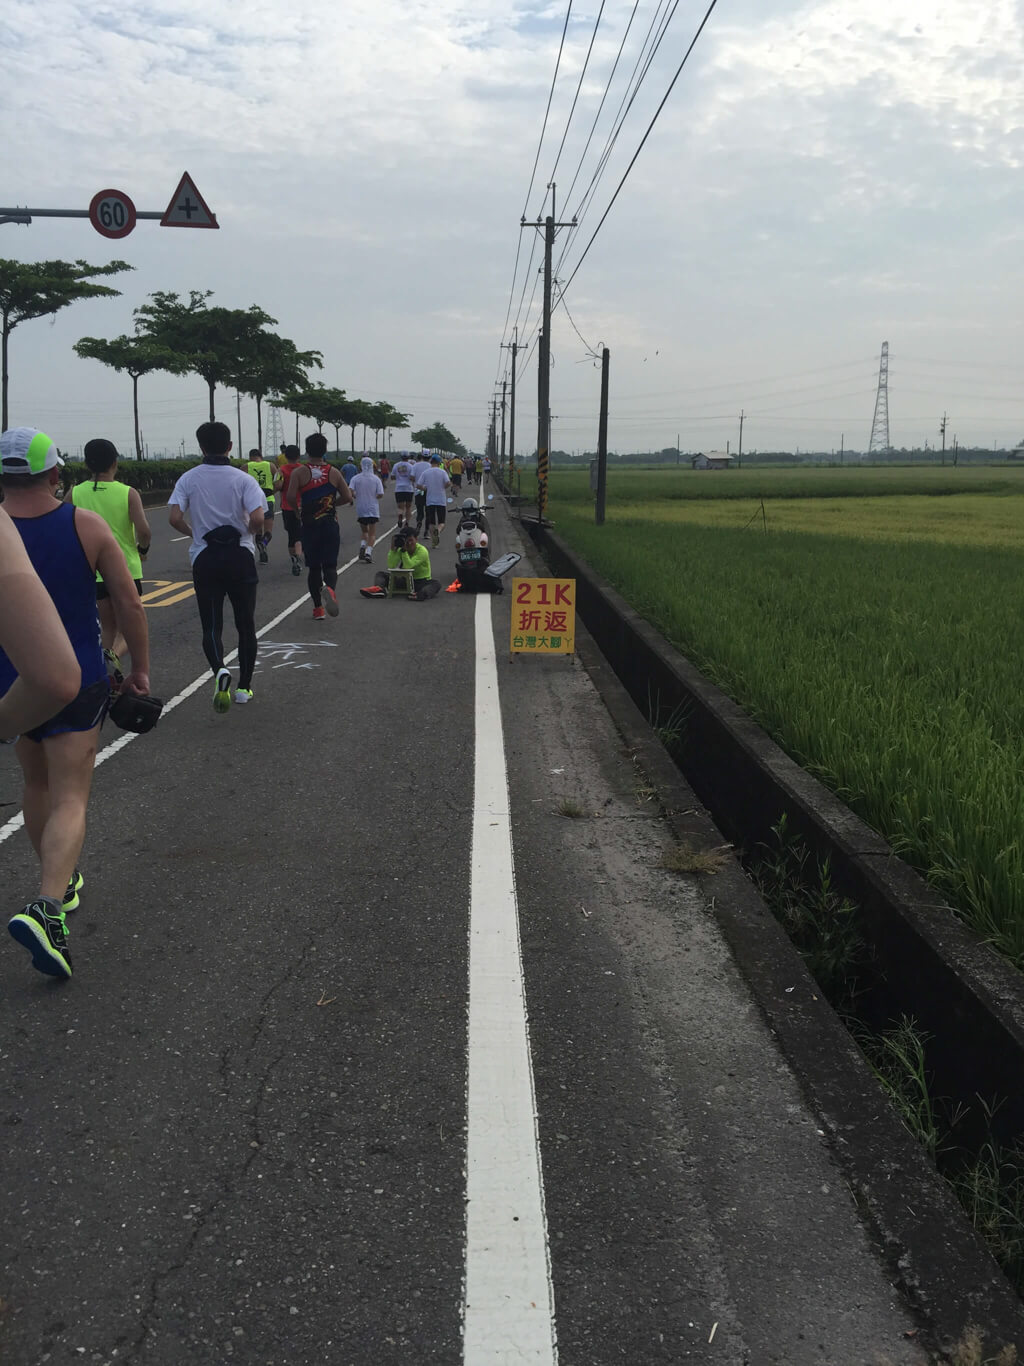 北港媽祖盃 21公里半馬路跑